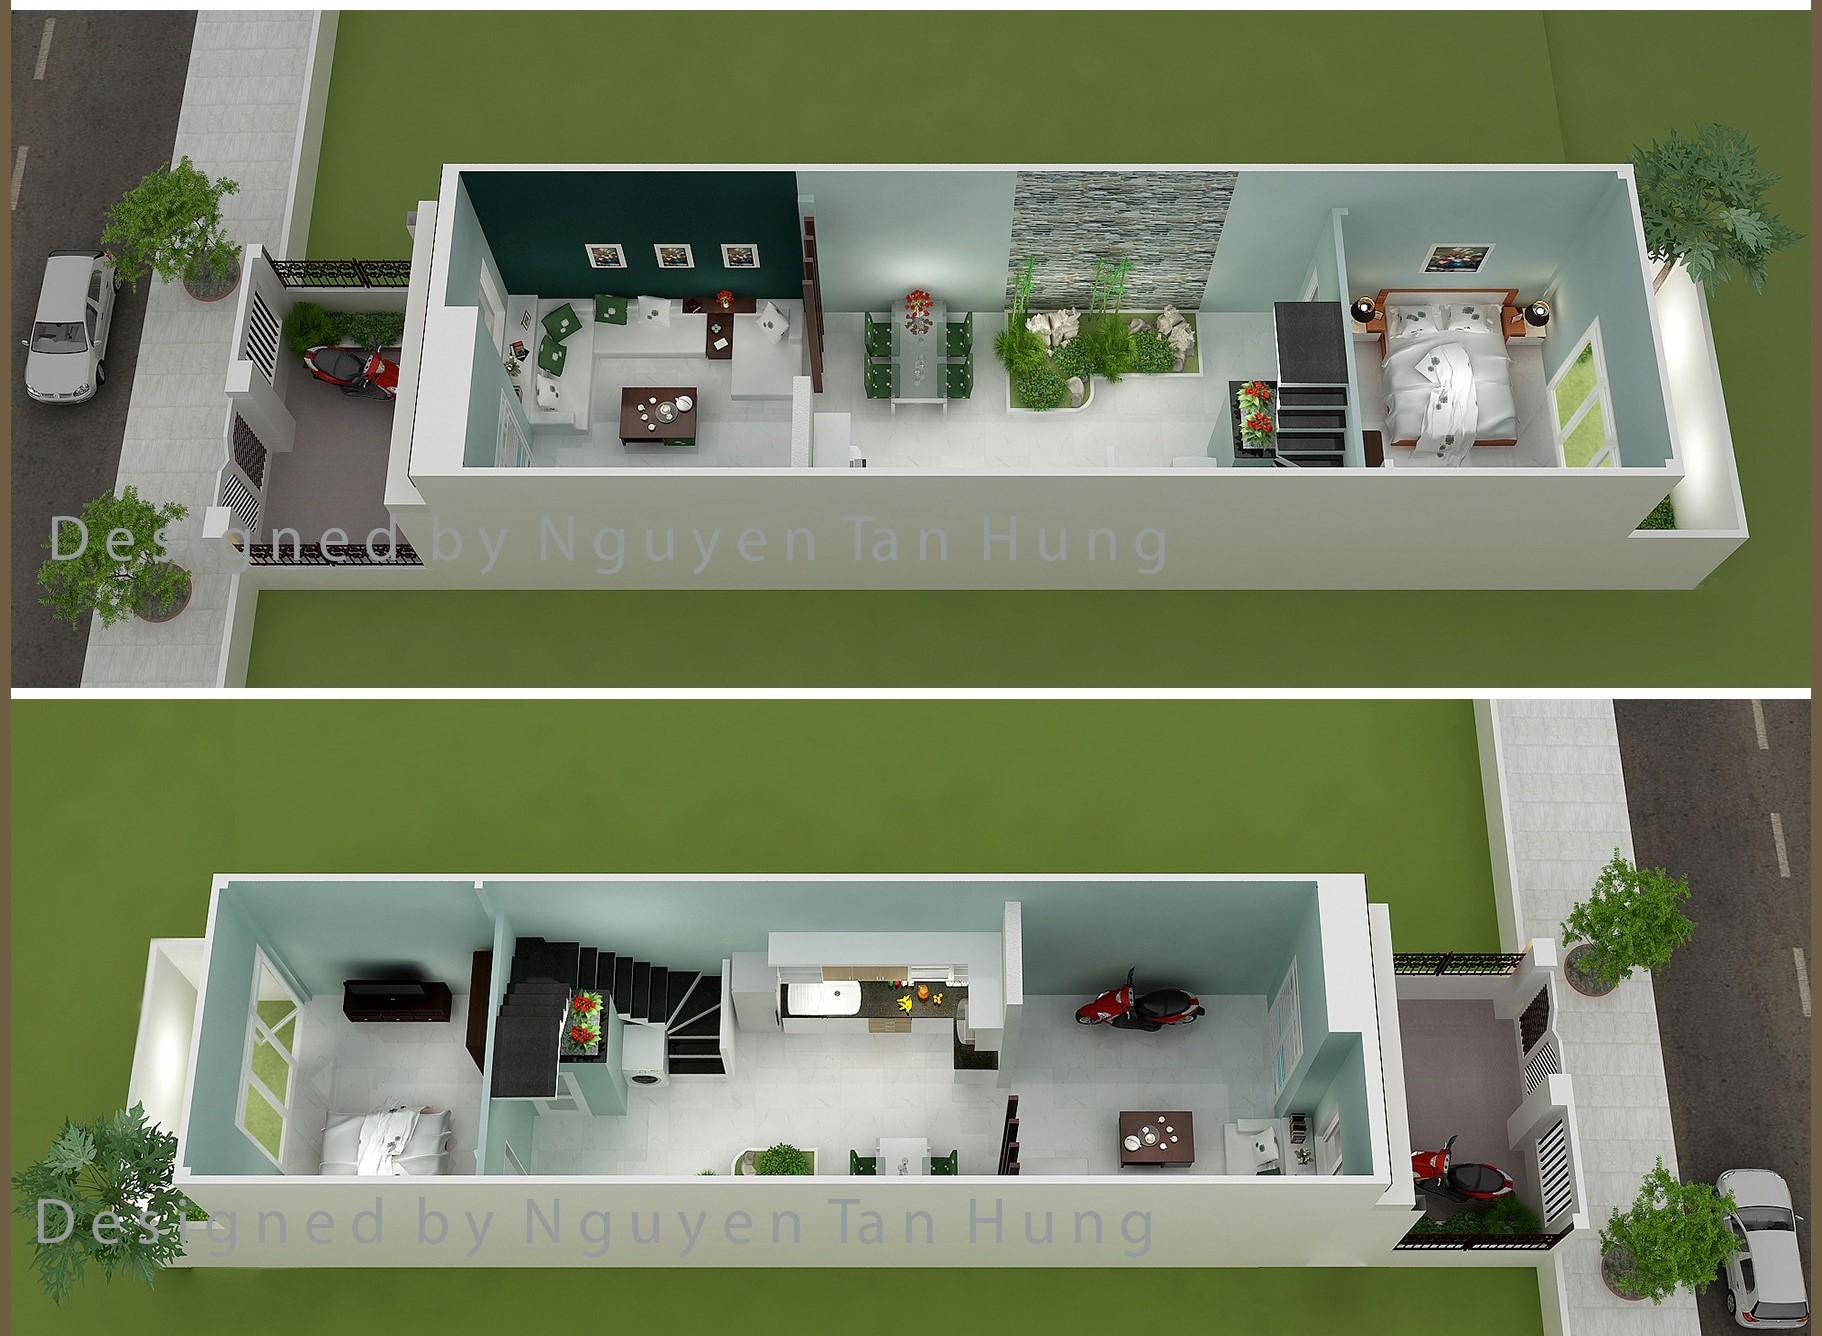 Mẫu thiết kế nhà cấp 4 đẹp mái tôn, giá rẻ trên đất 4mx19m